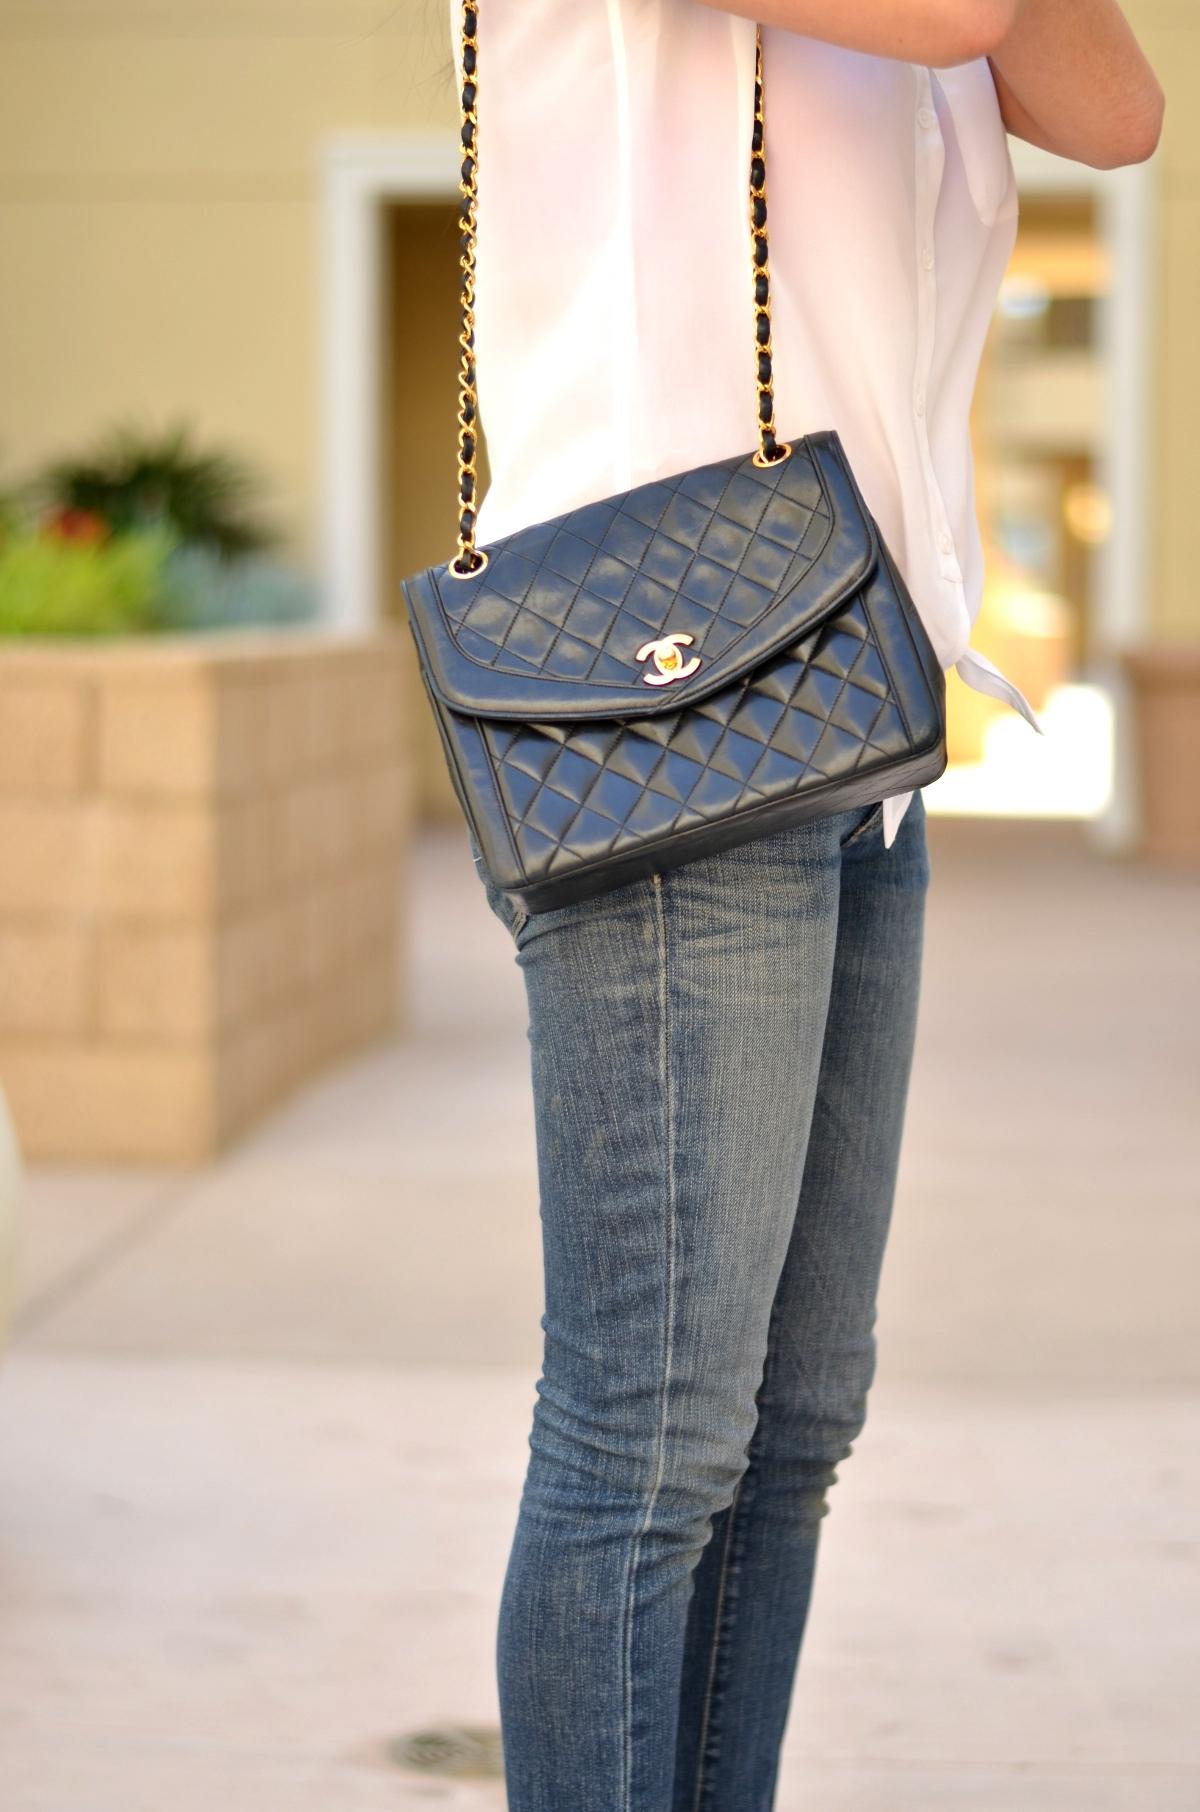 2c864c0b932a Classic Double Flap Vs. Vintage Single Flap Chanel Bag | Lollipuff